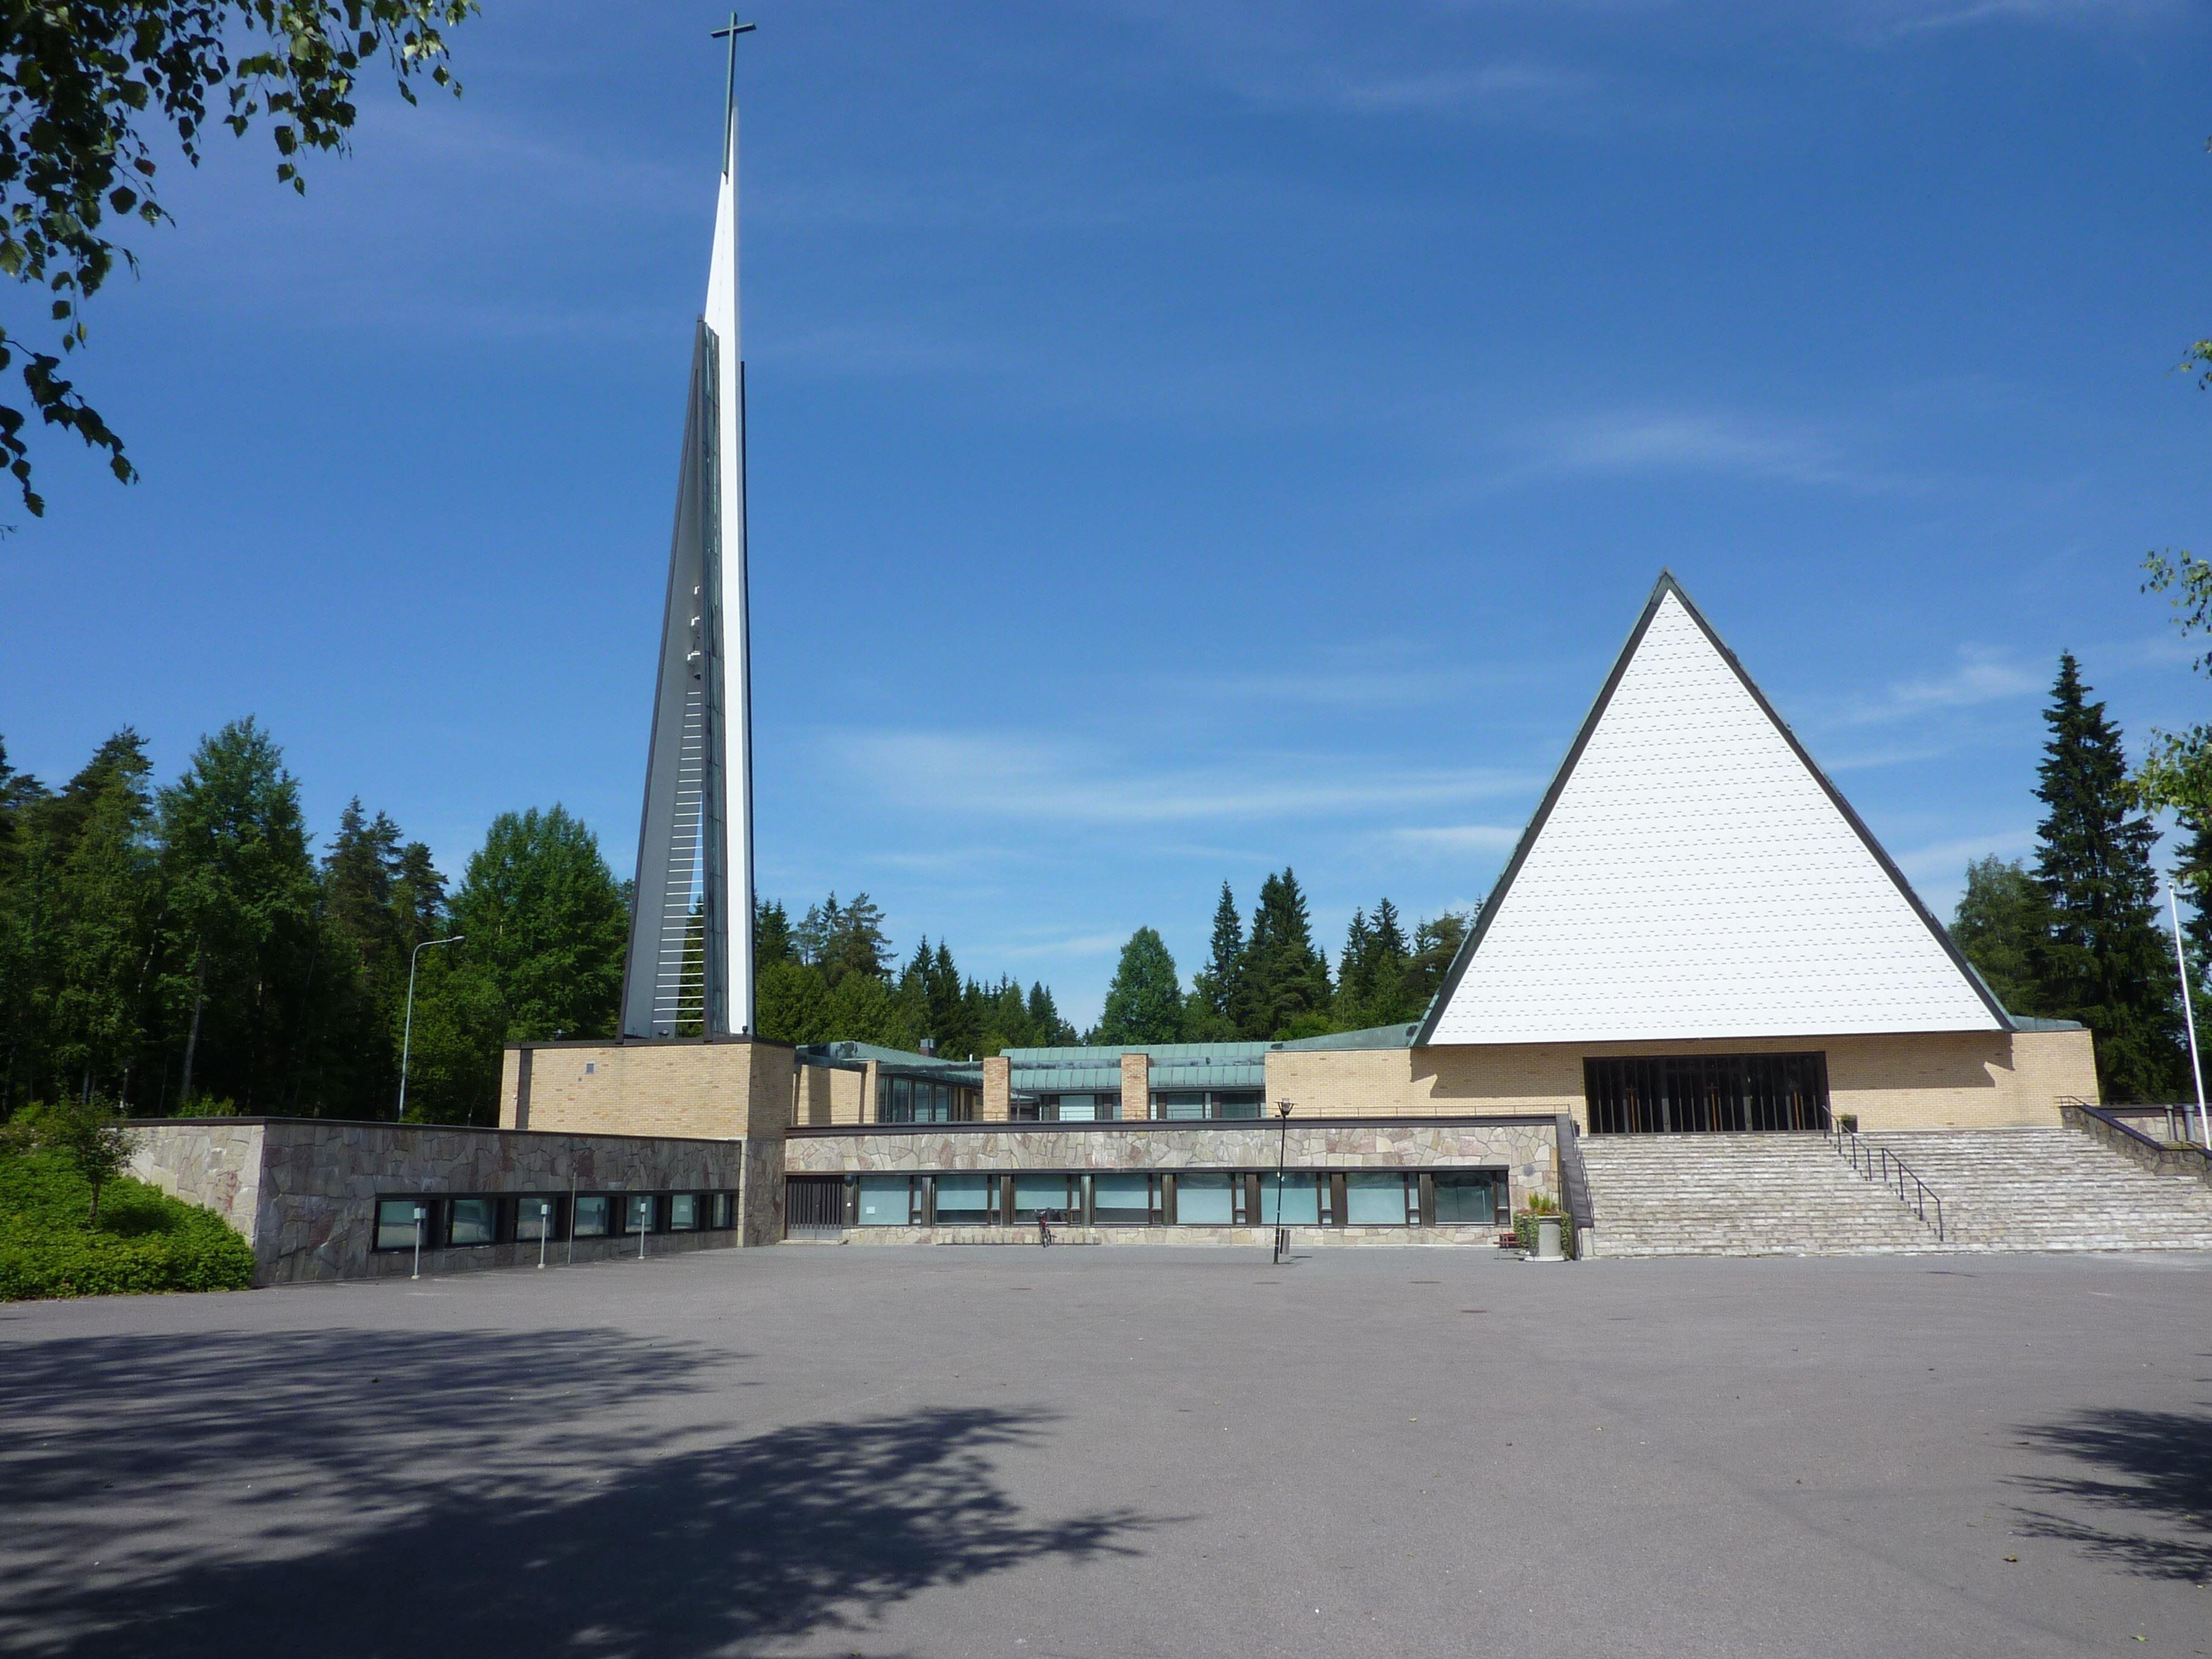 Joutjärvi Church